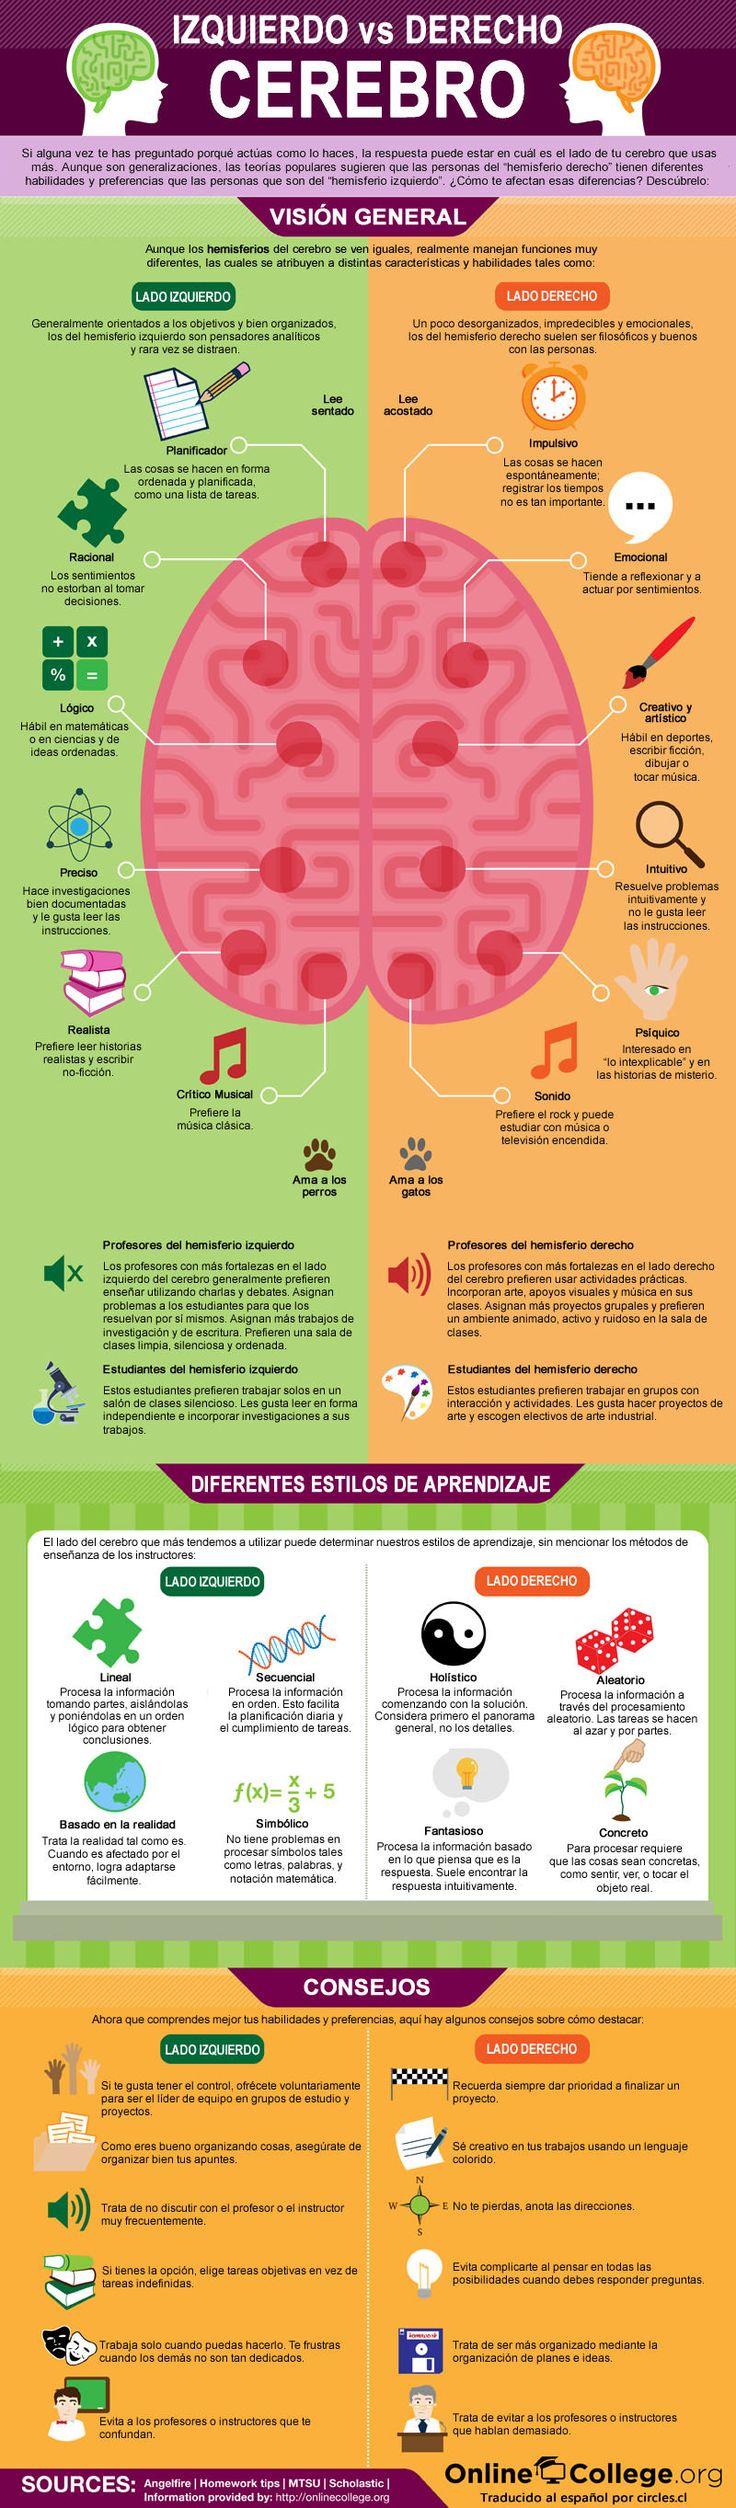 Características del hemisferio izquierdo y del hemisferio derecho. Zurdo Vs diestro